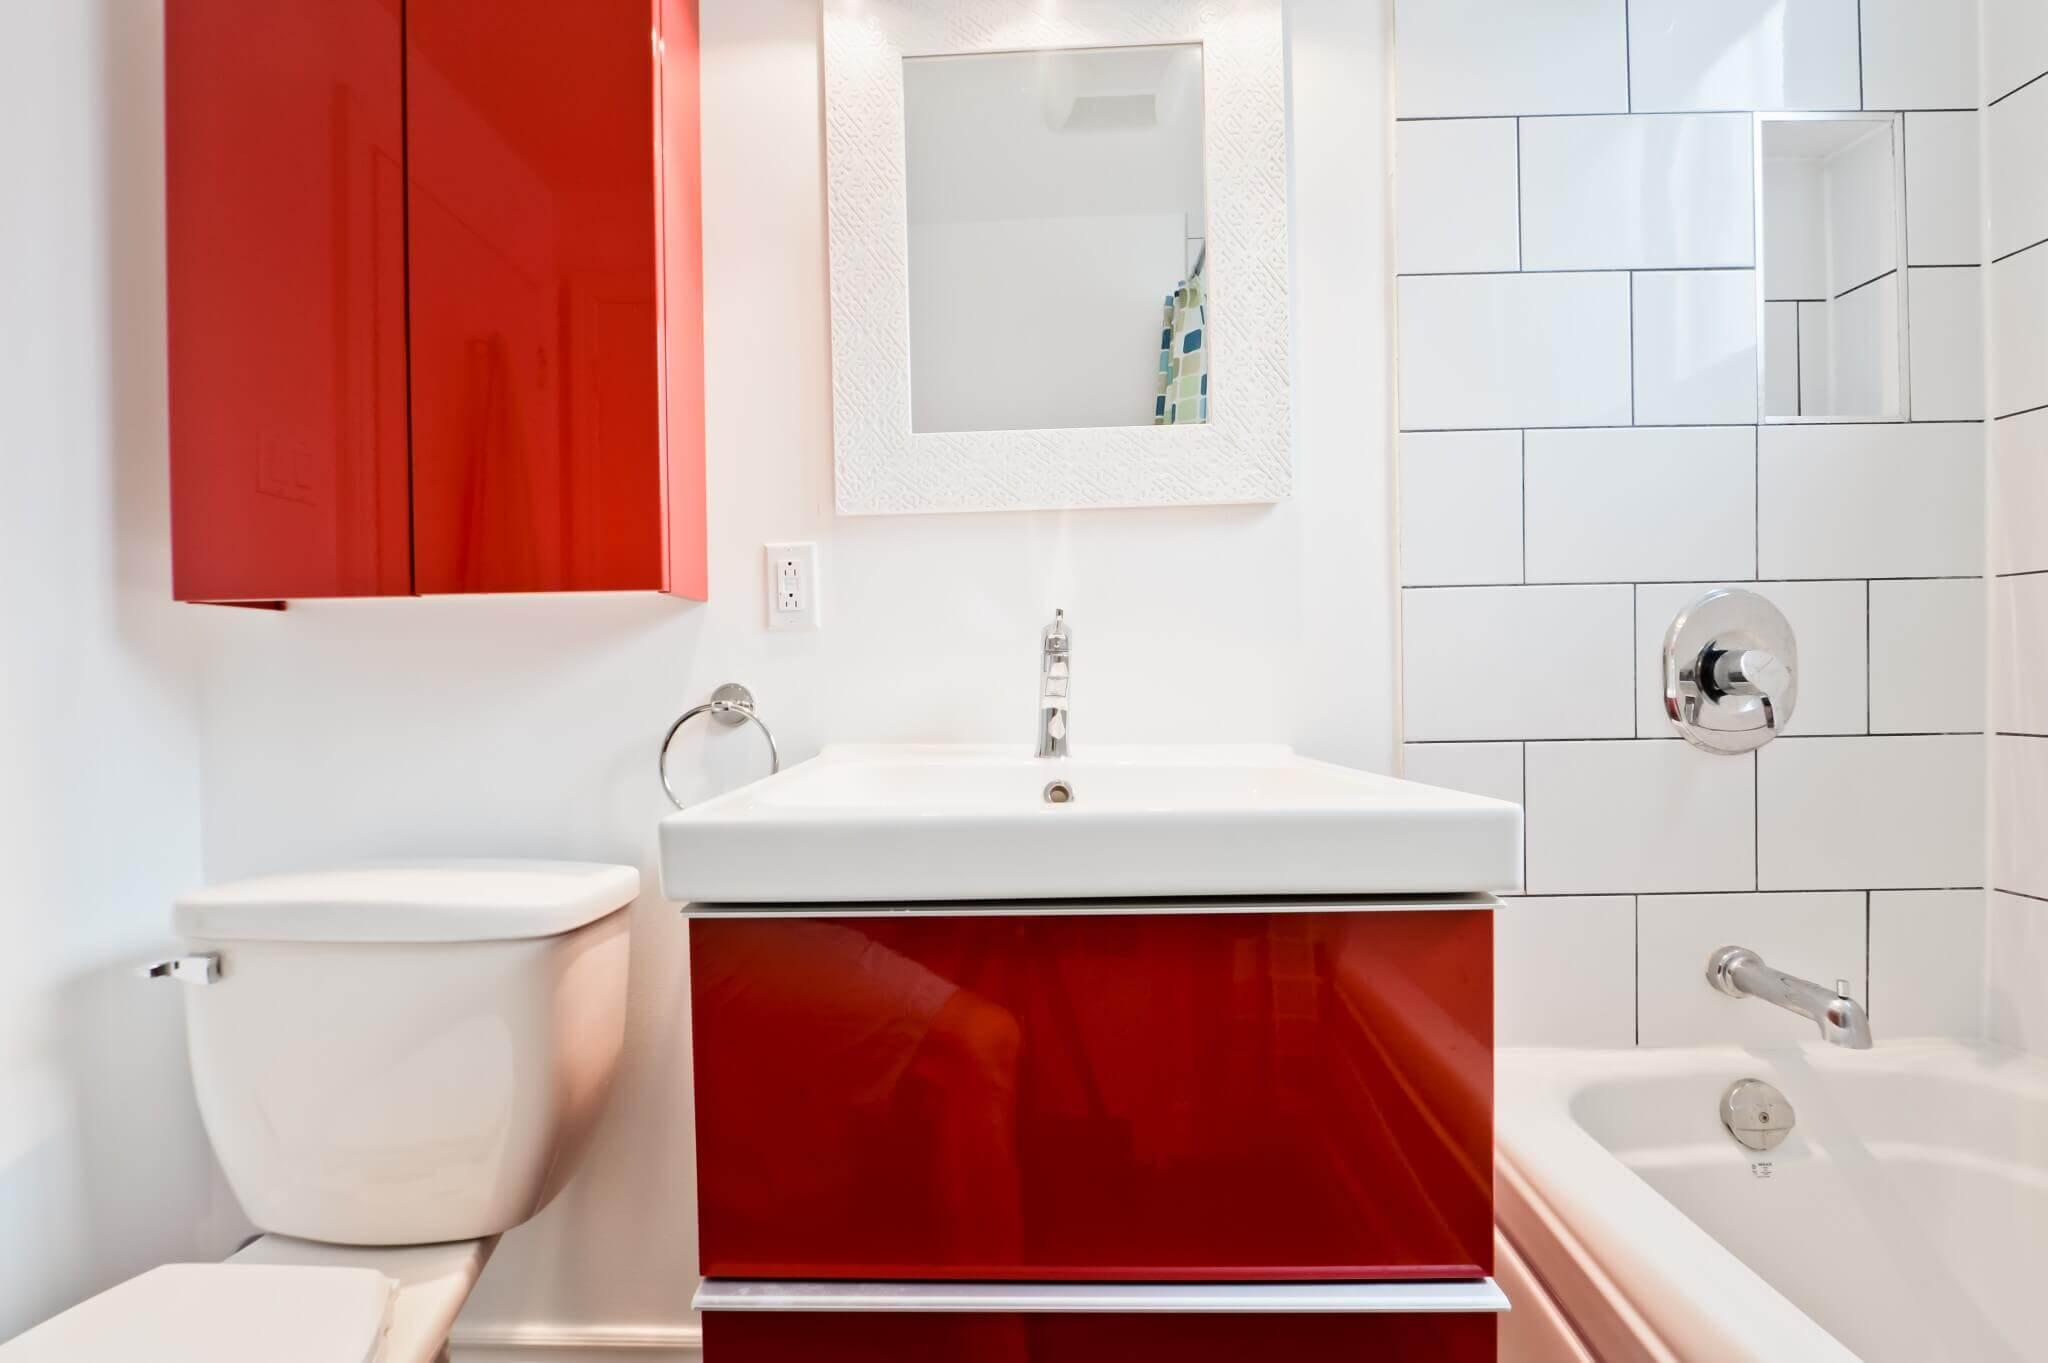 vanite rouge salle de bain